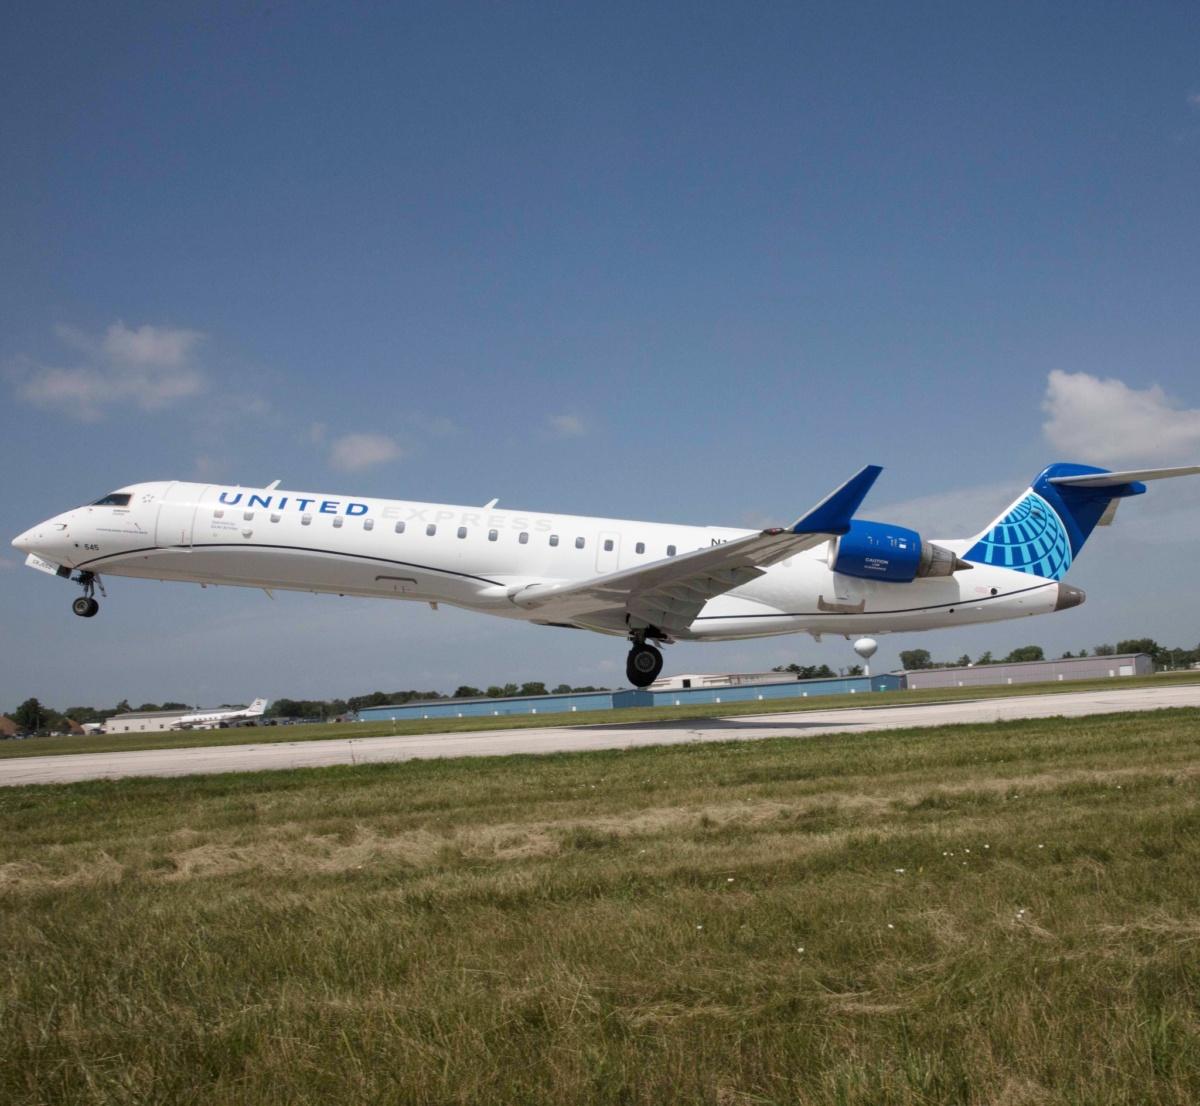 unitd-expres-CRJ550